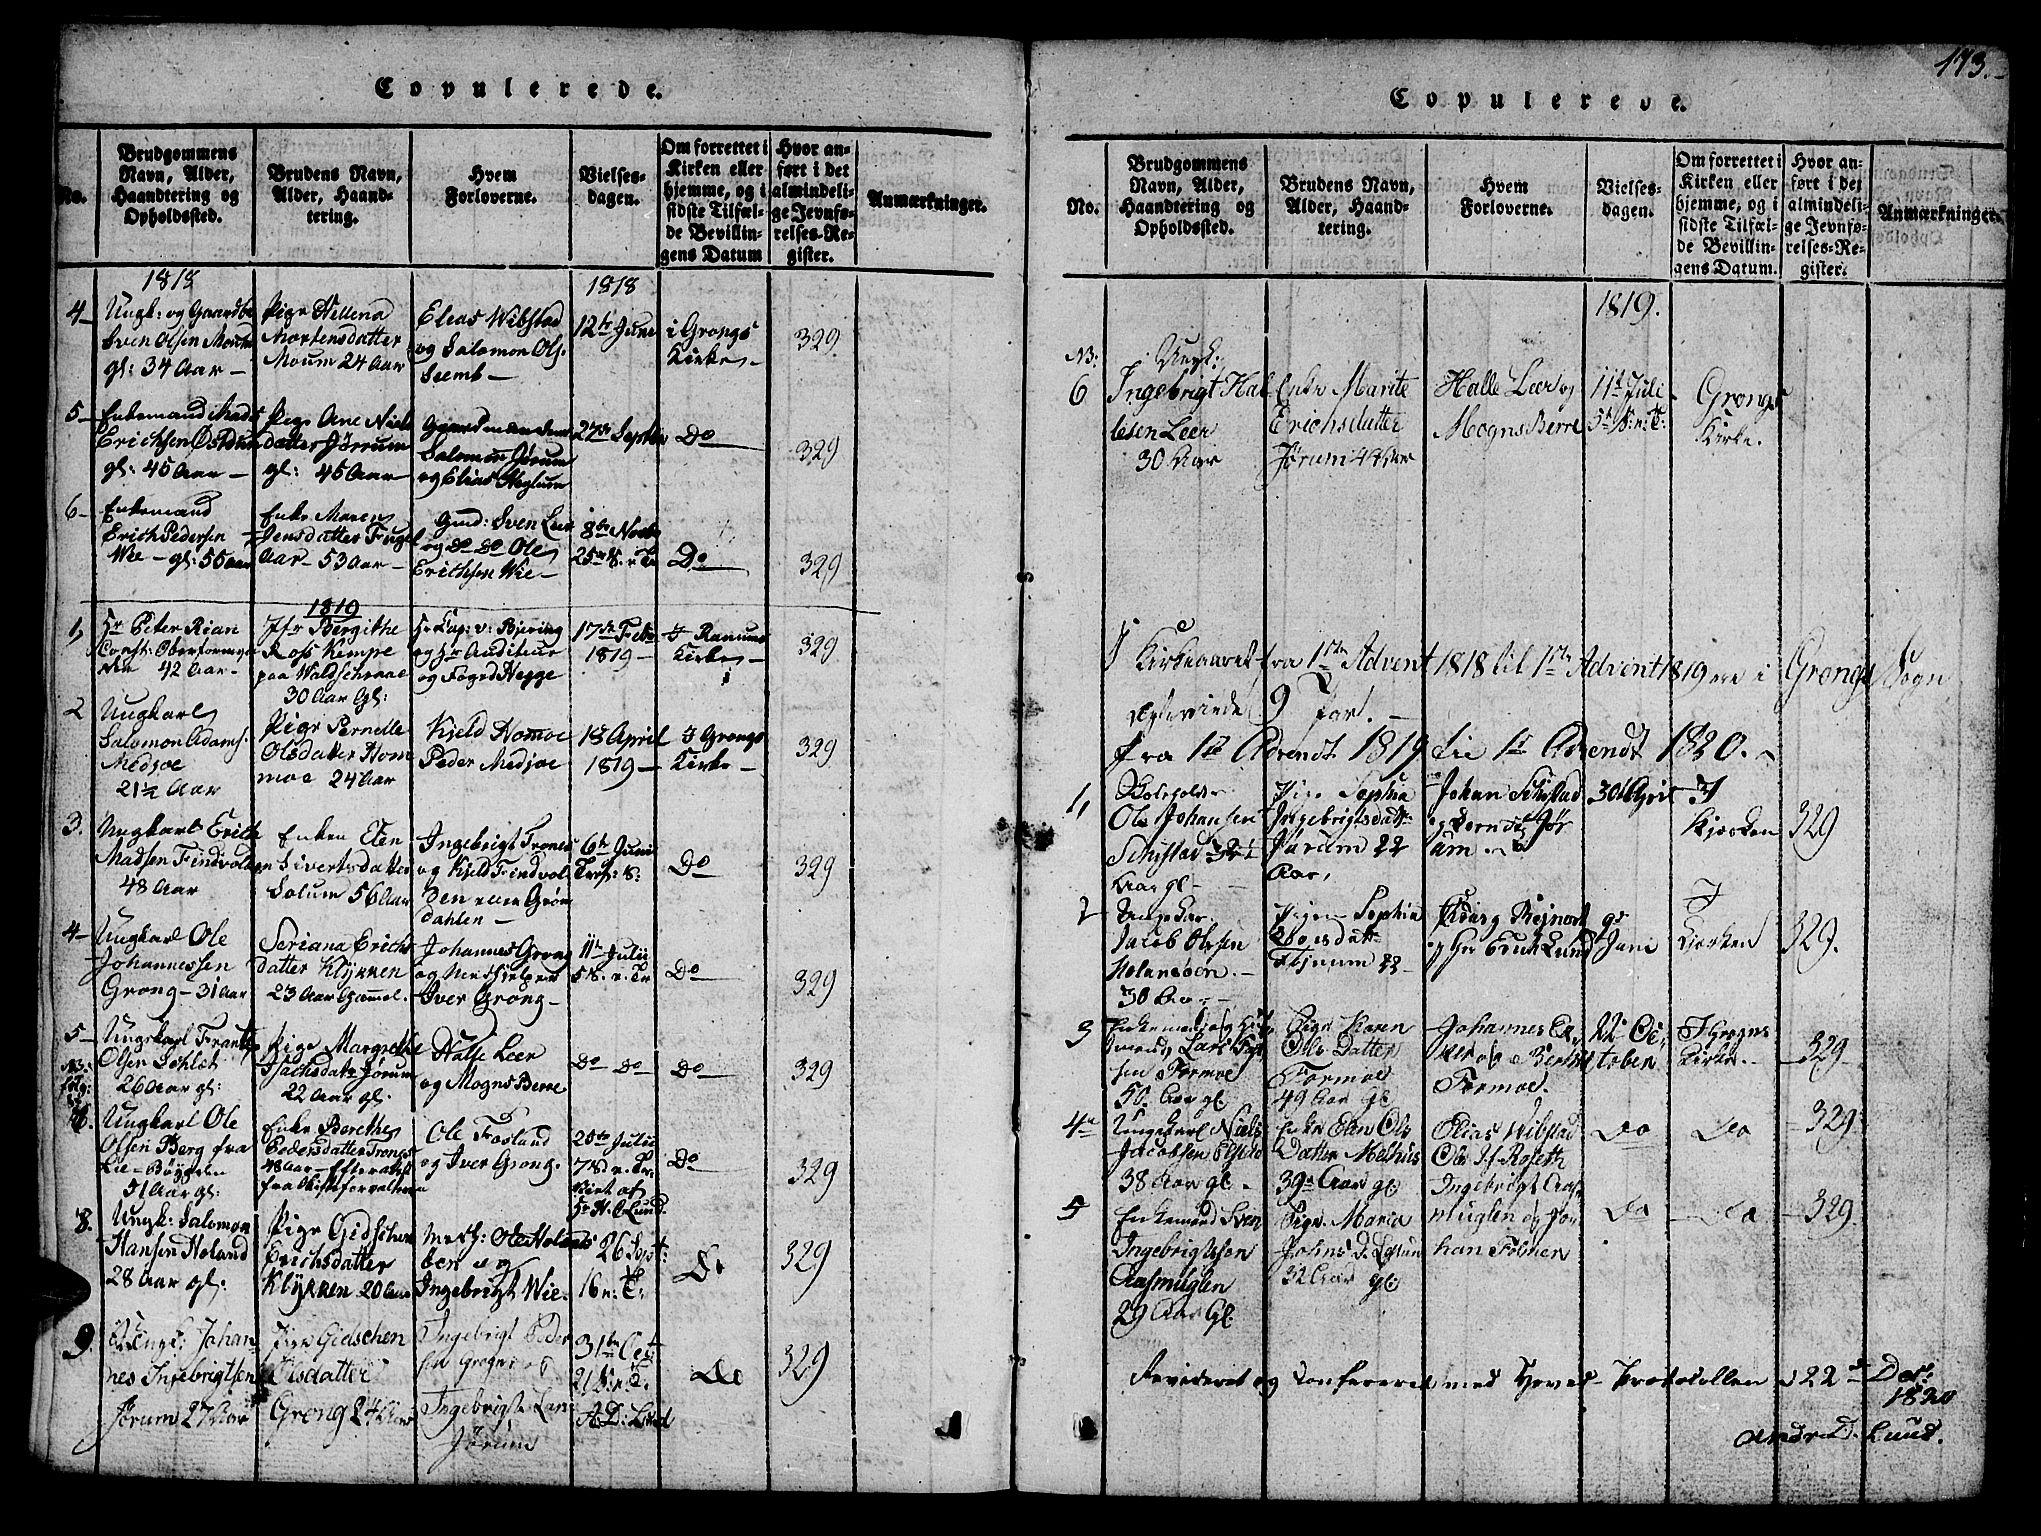 SAT, Ministerialprotokoller, klokkerbøker og fødselsregistre - Nord-Trøndelag, 758/L0521: Klokkerbok nr. 758C01, 1816-1825, s. 113